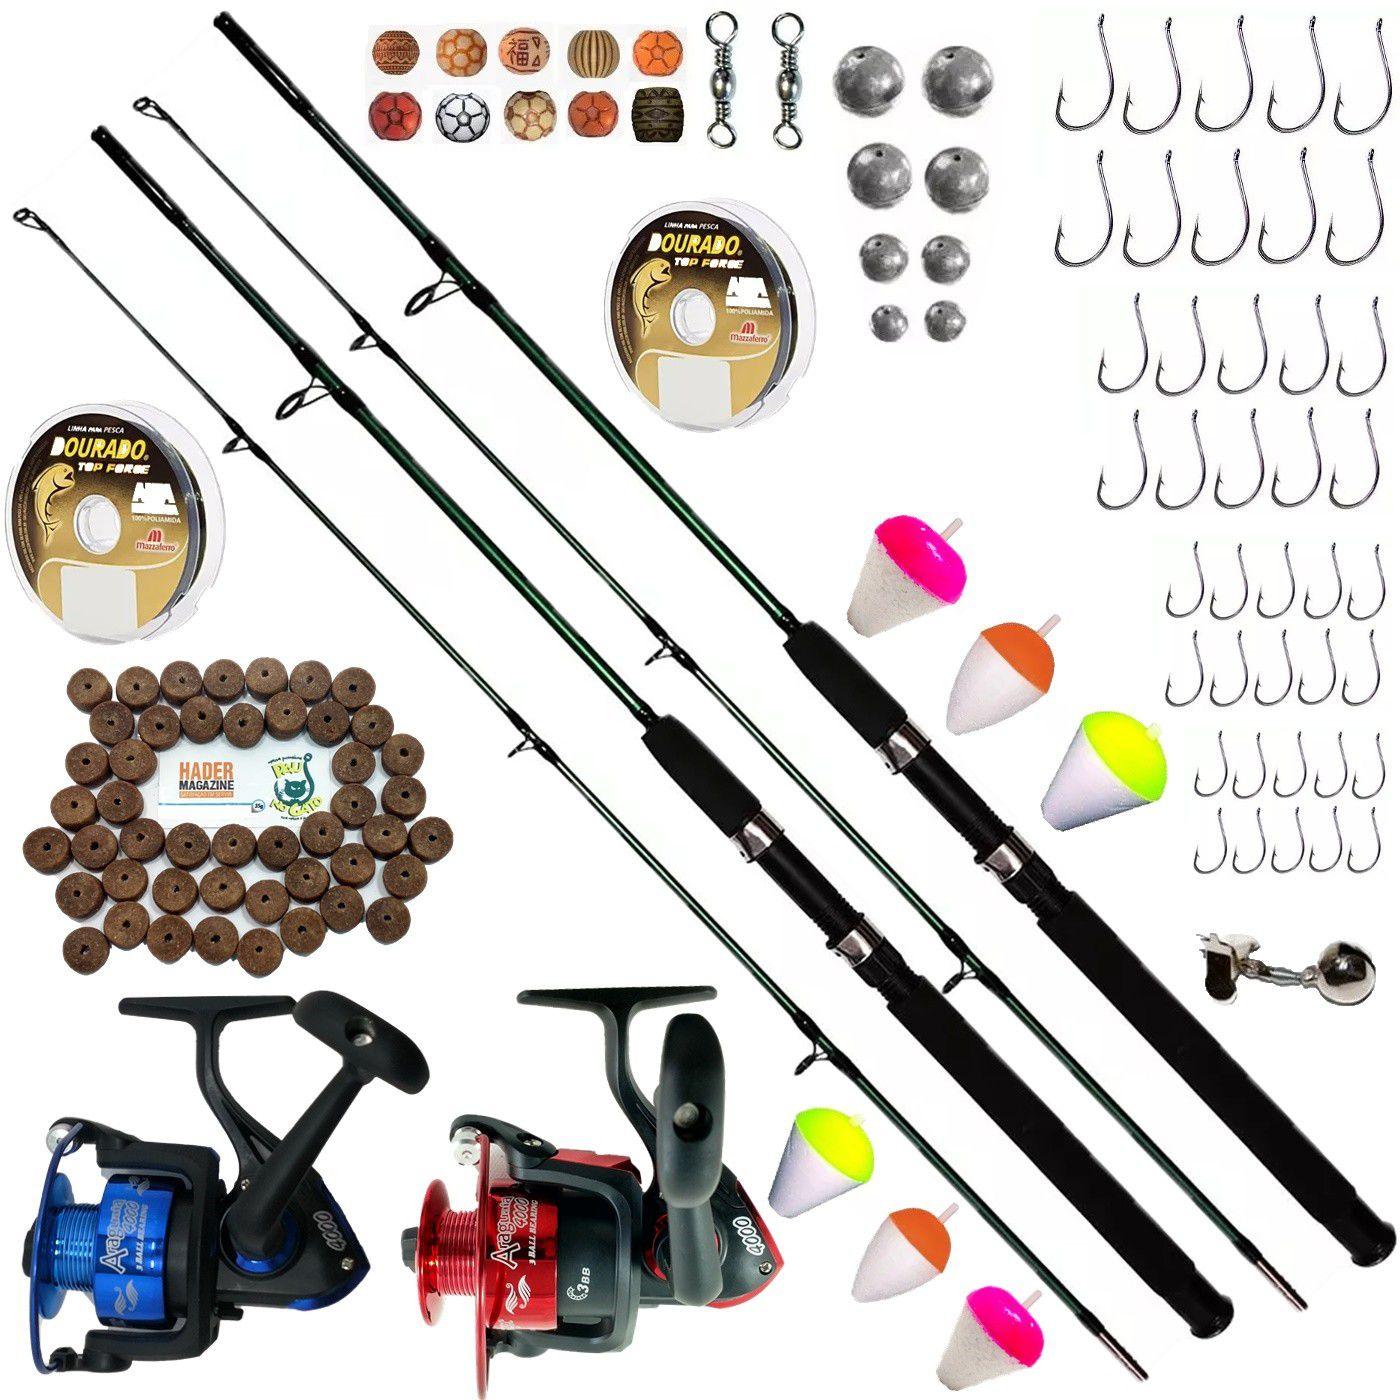 Kit De Pesca Completo 2 Vara 1,70 25-50lb 2 Molinetes 3000 Itens